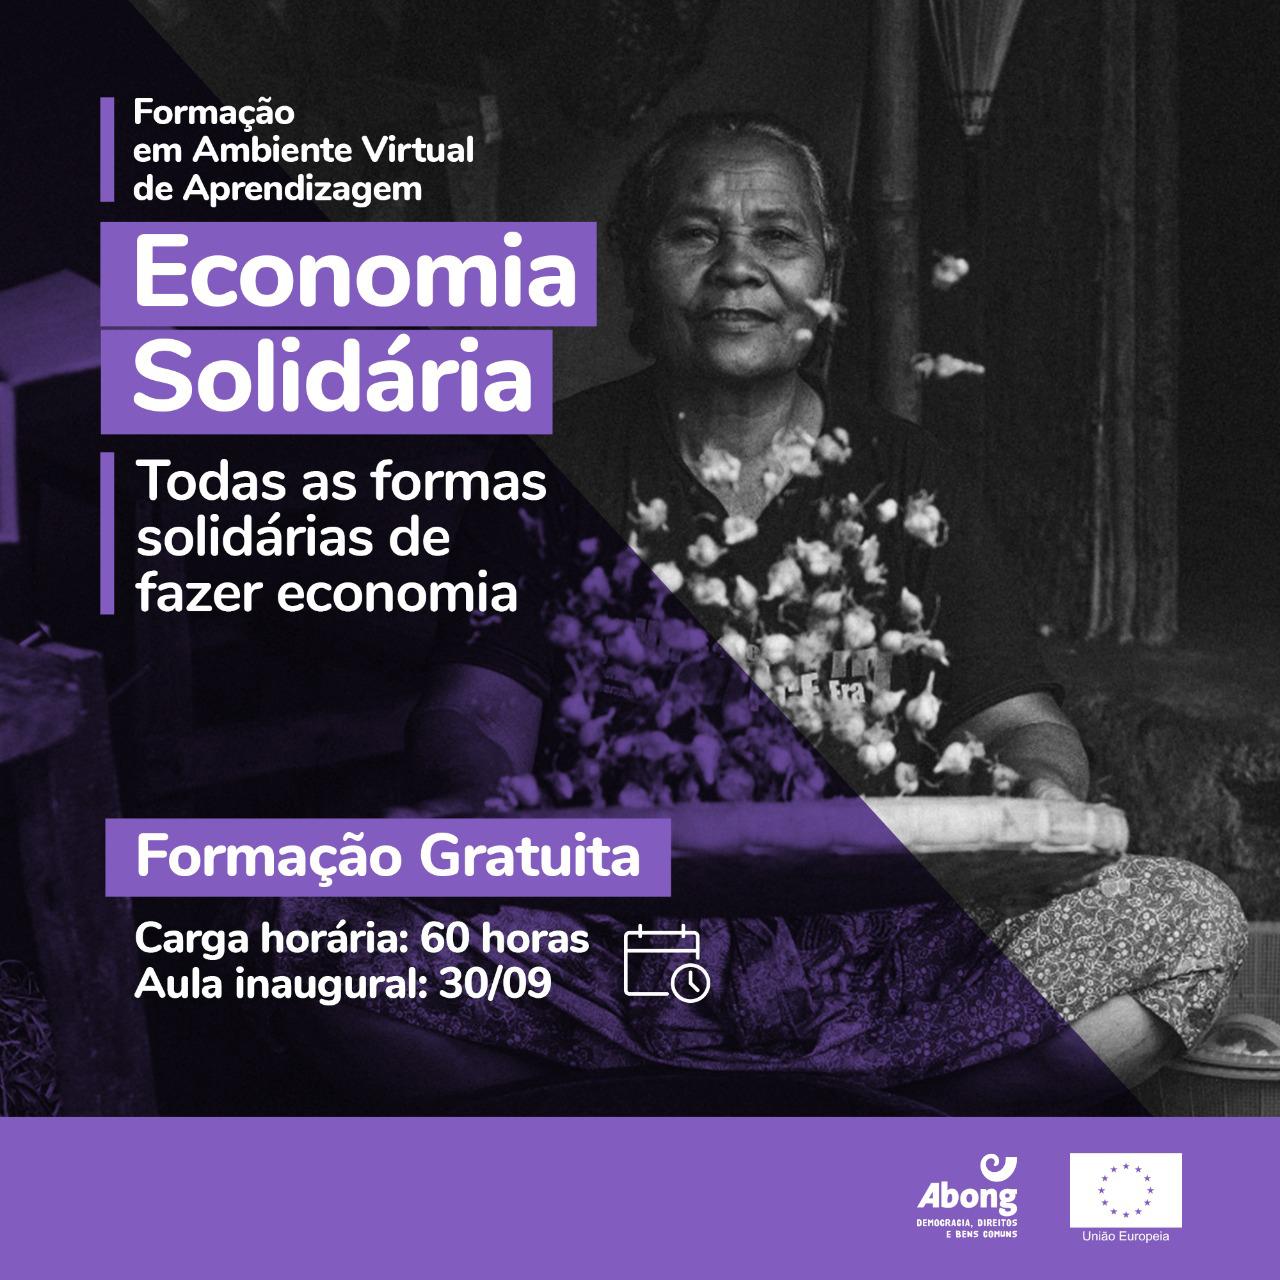 Economia Solidária - Todas as formas solidárias de fazer economia